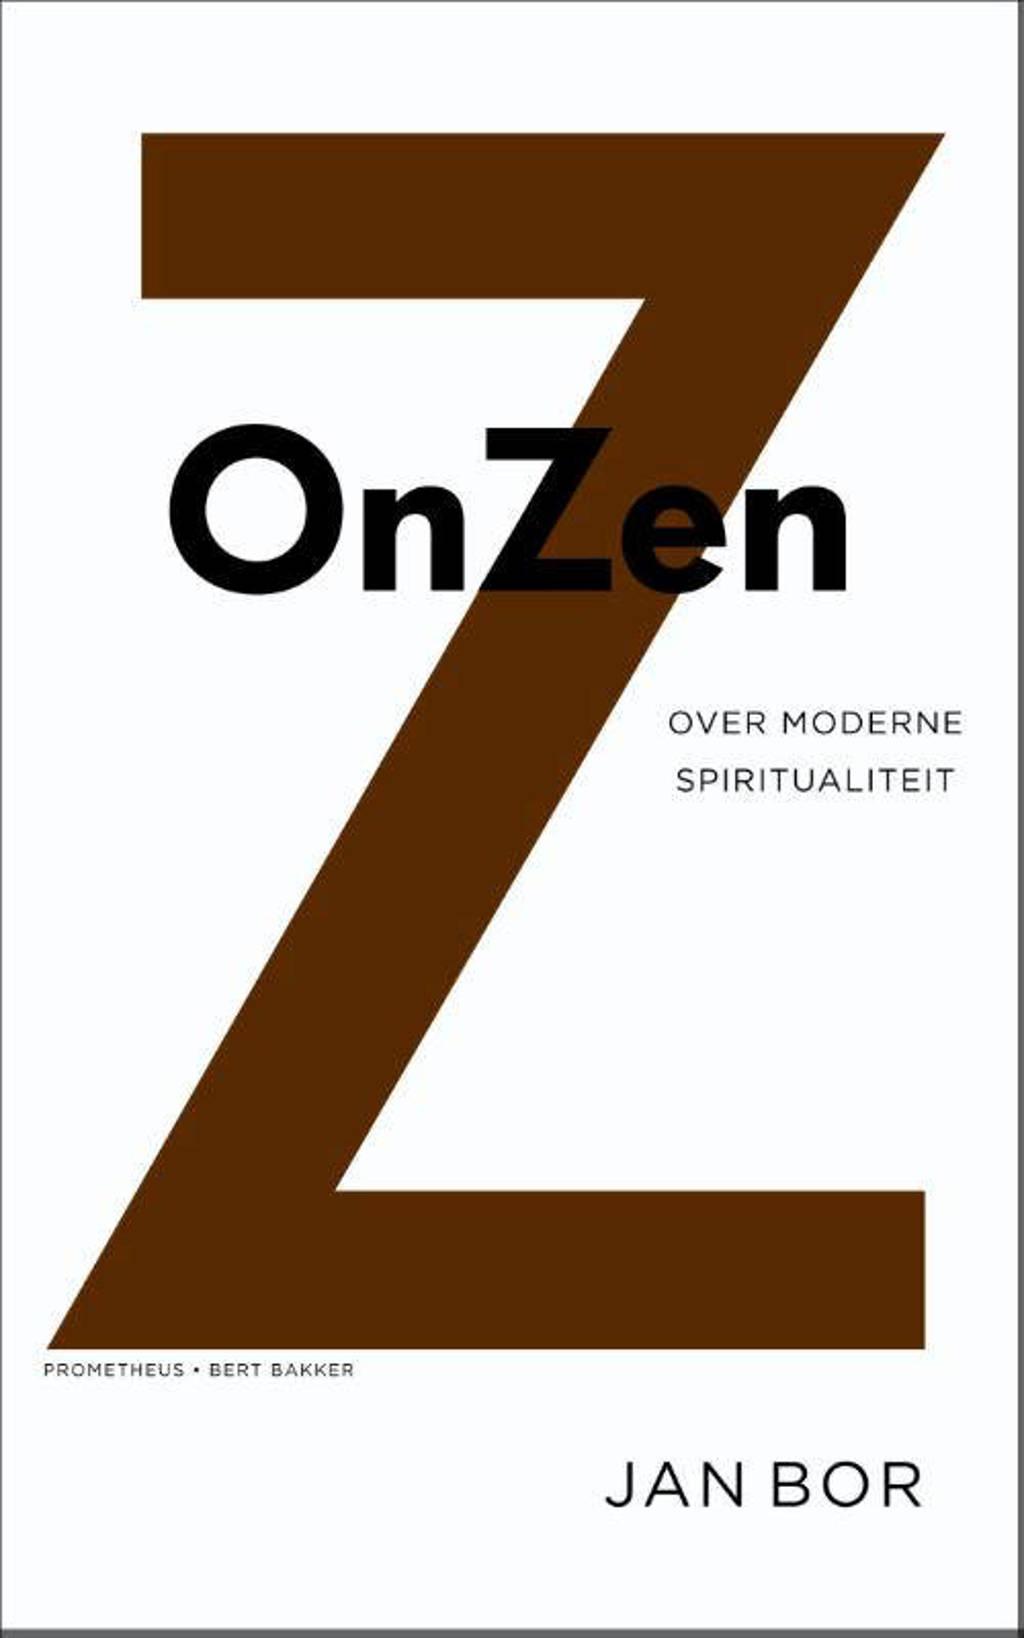 OnZen - Jan Bor